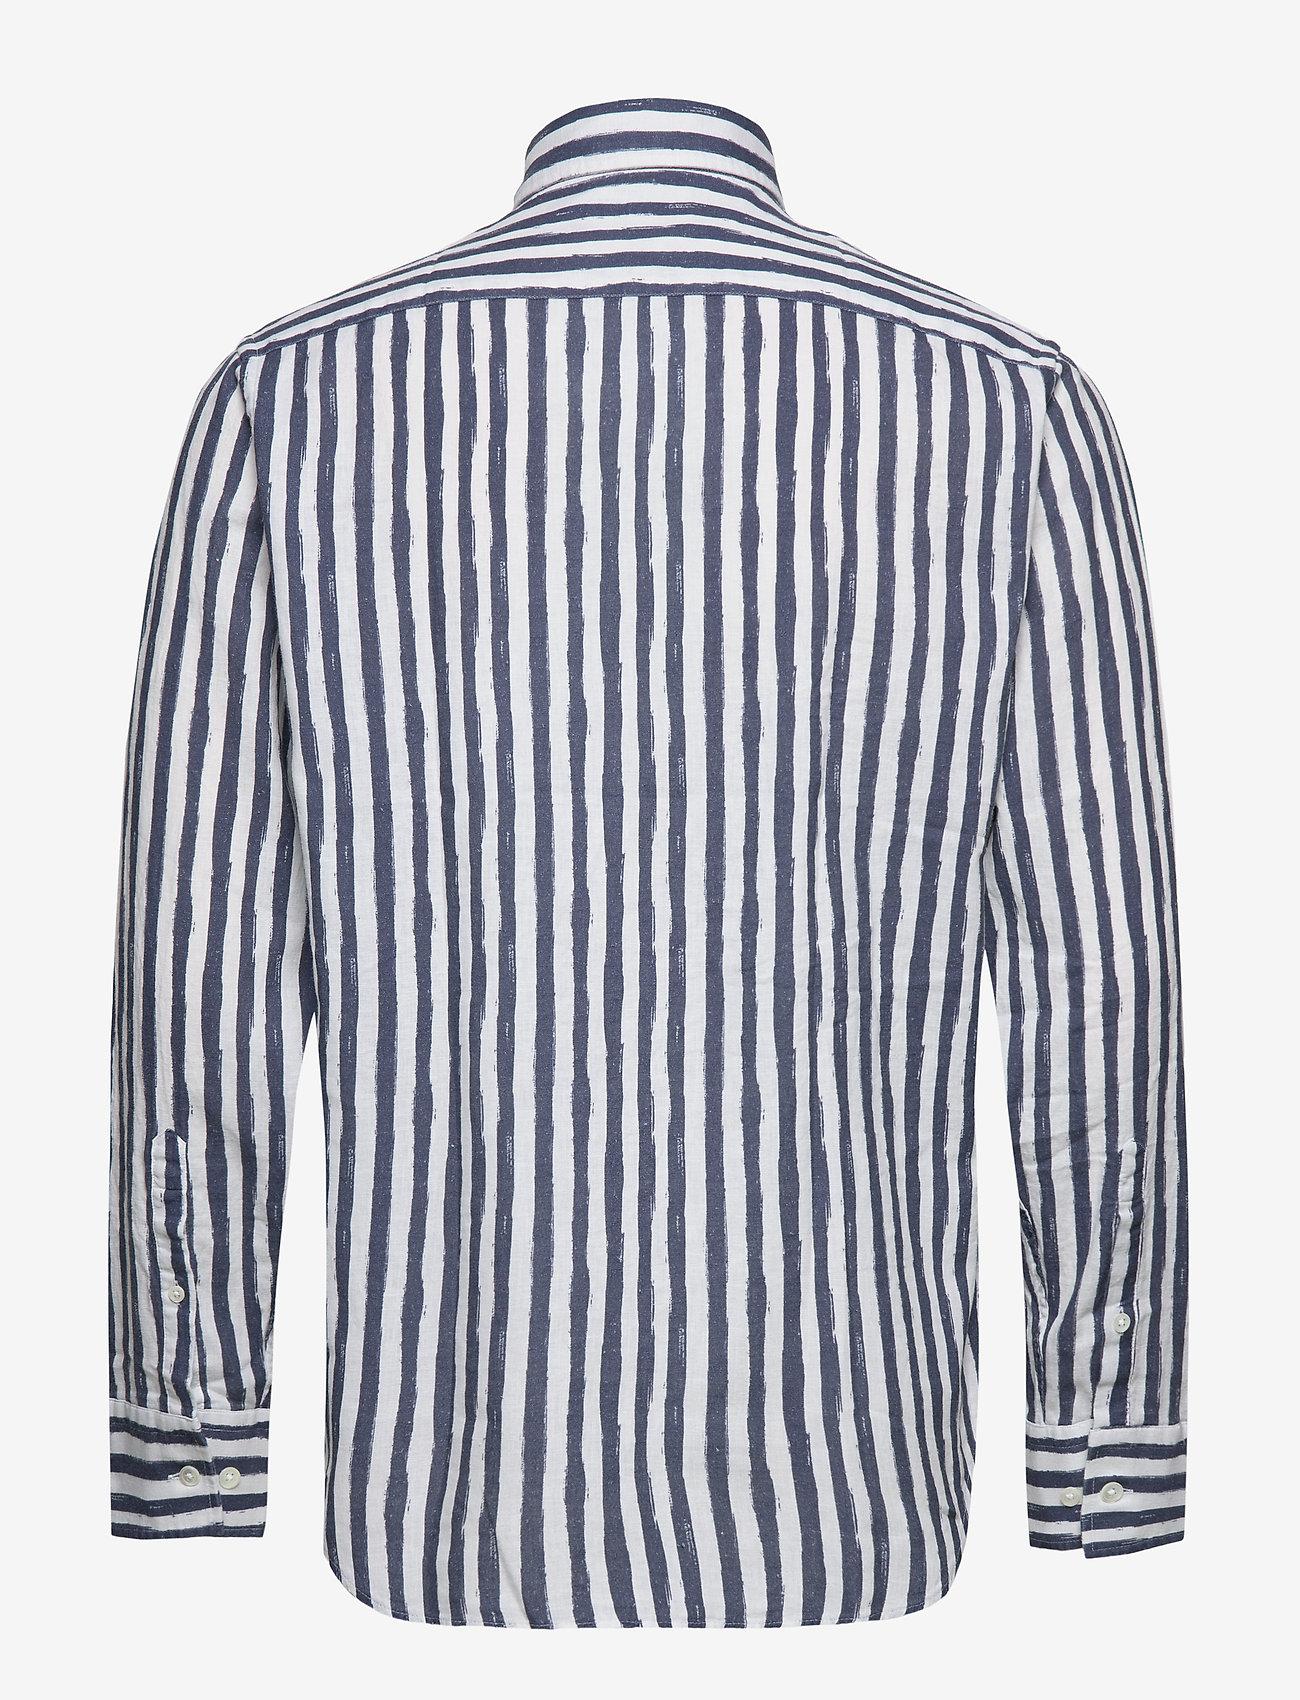 Nn07errico Shirt 5212 - Hemden